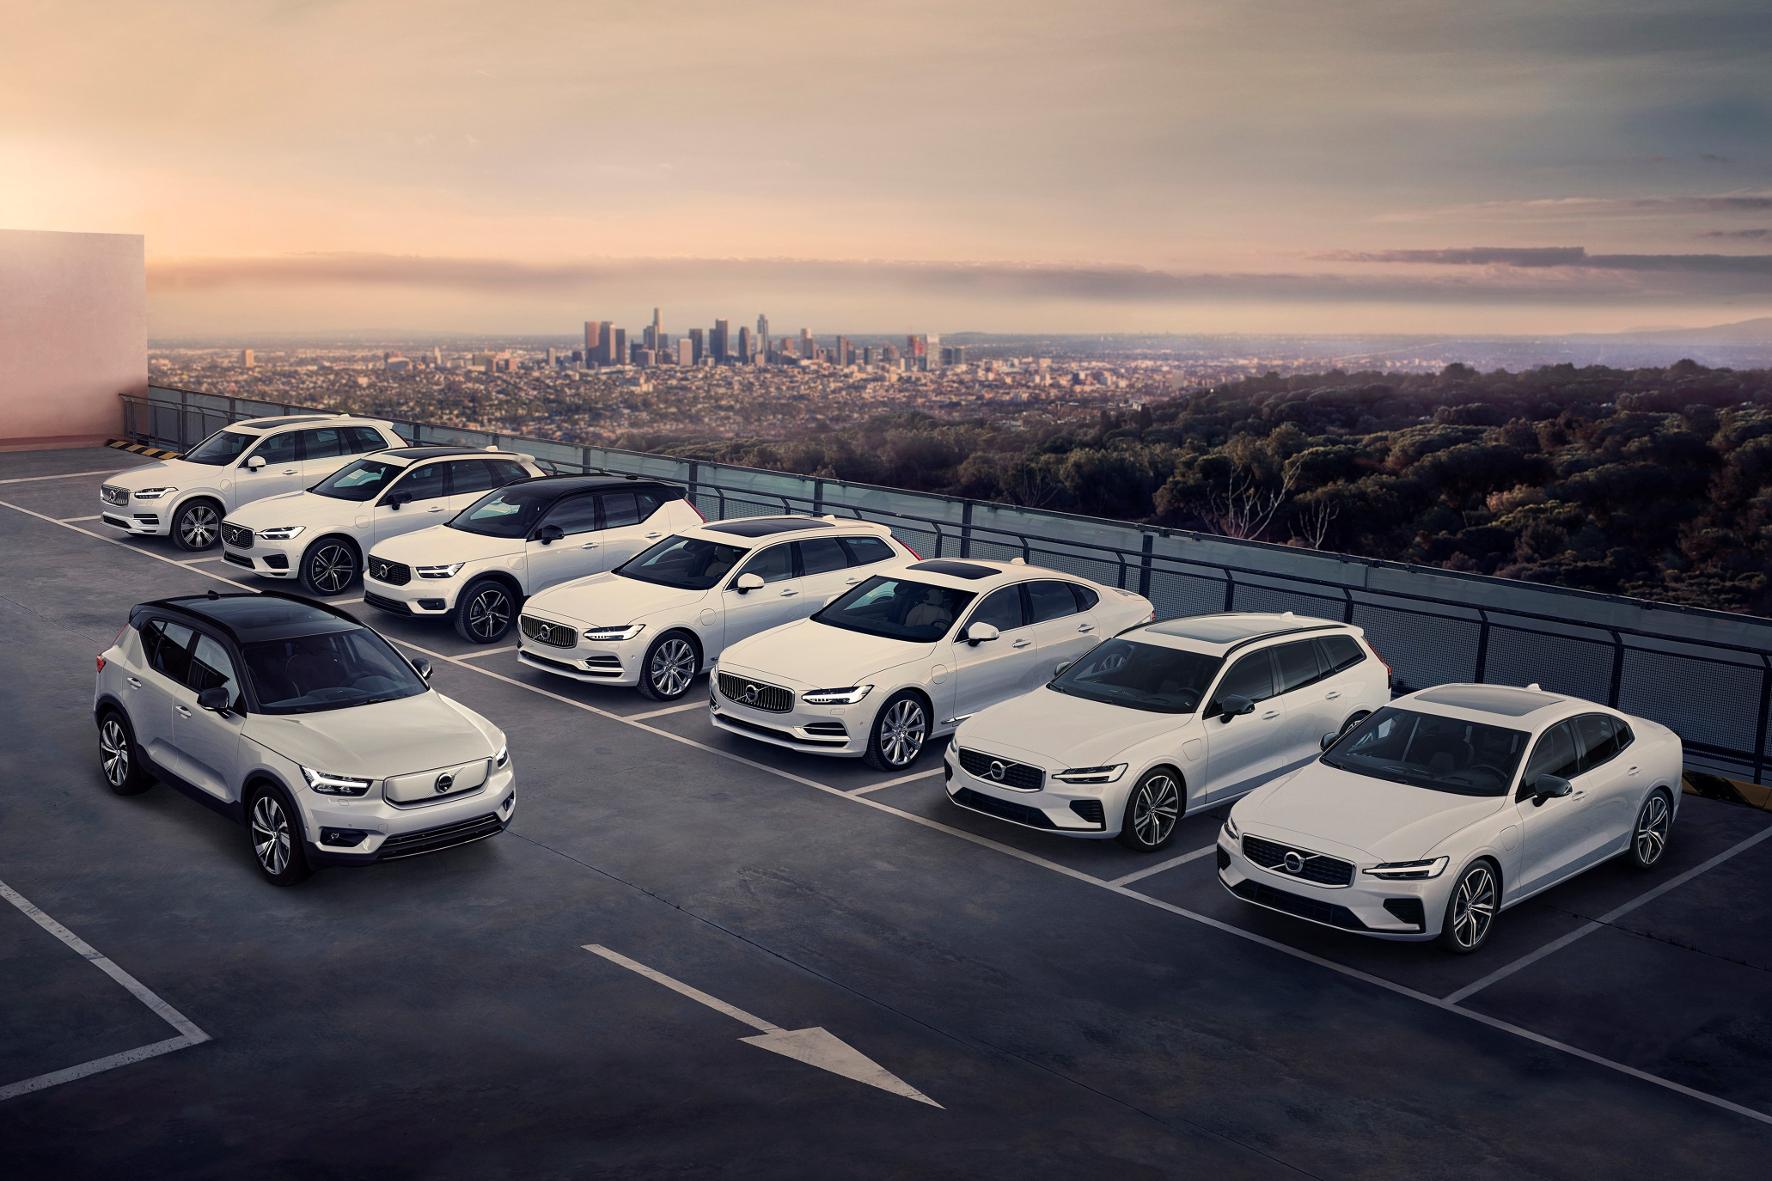 mid Groß-Gerau - Volvo will bis 2025 die Hälfte seines weltweiten Absatzes mit reinen Elektroautos bestreiten. Volvo